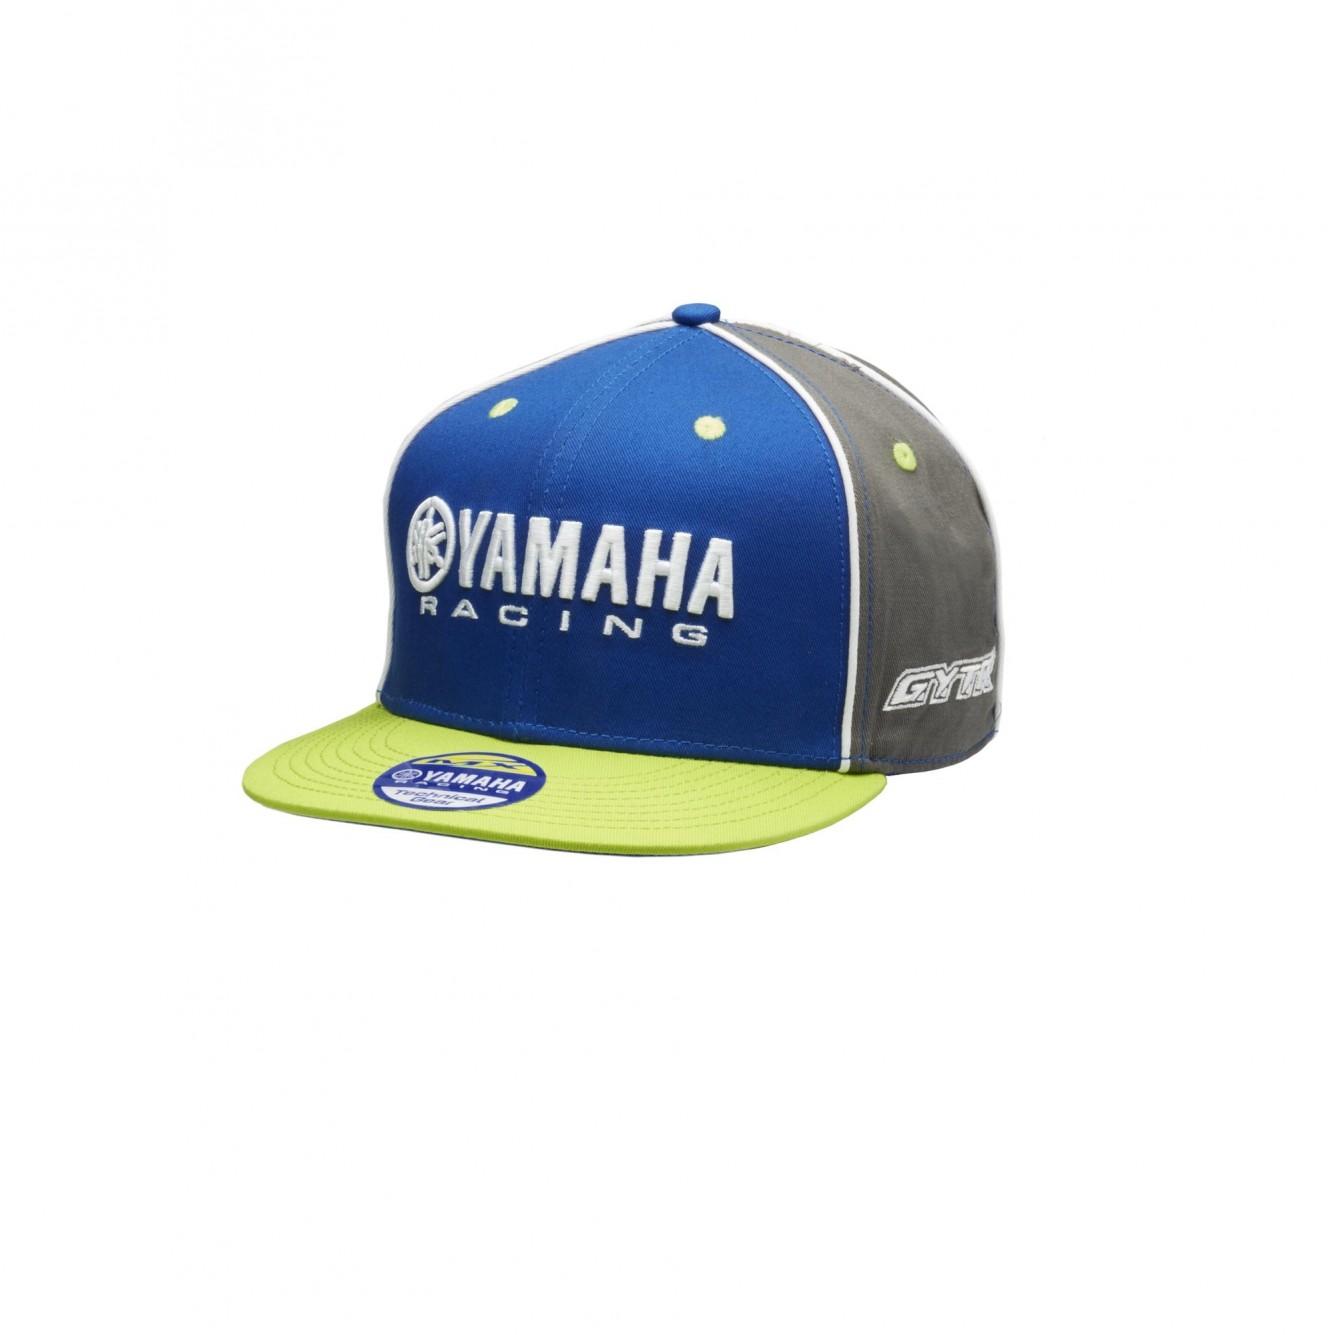 8dcdc170588 Yamaha